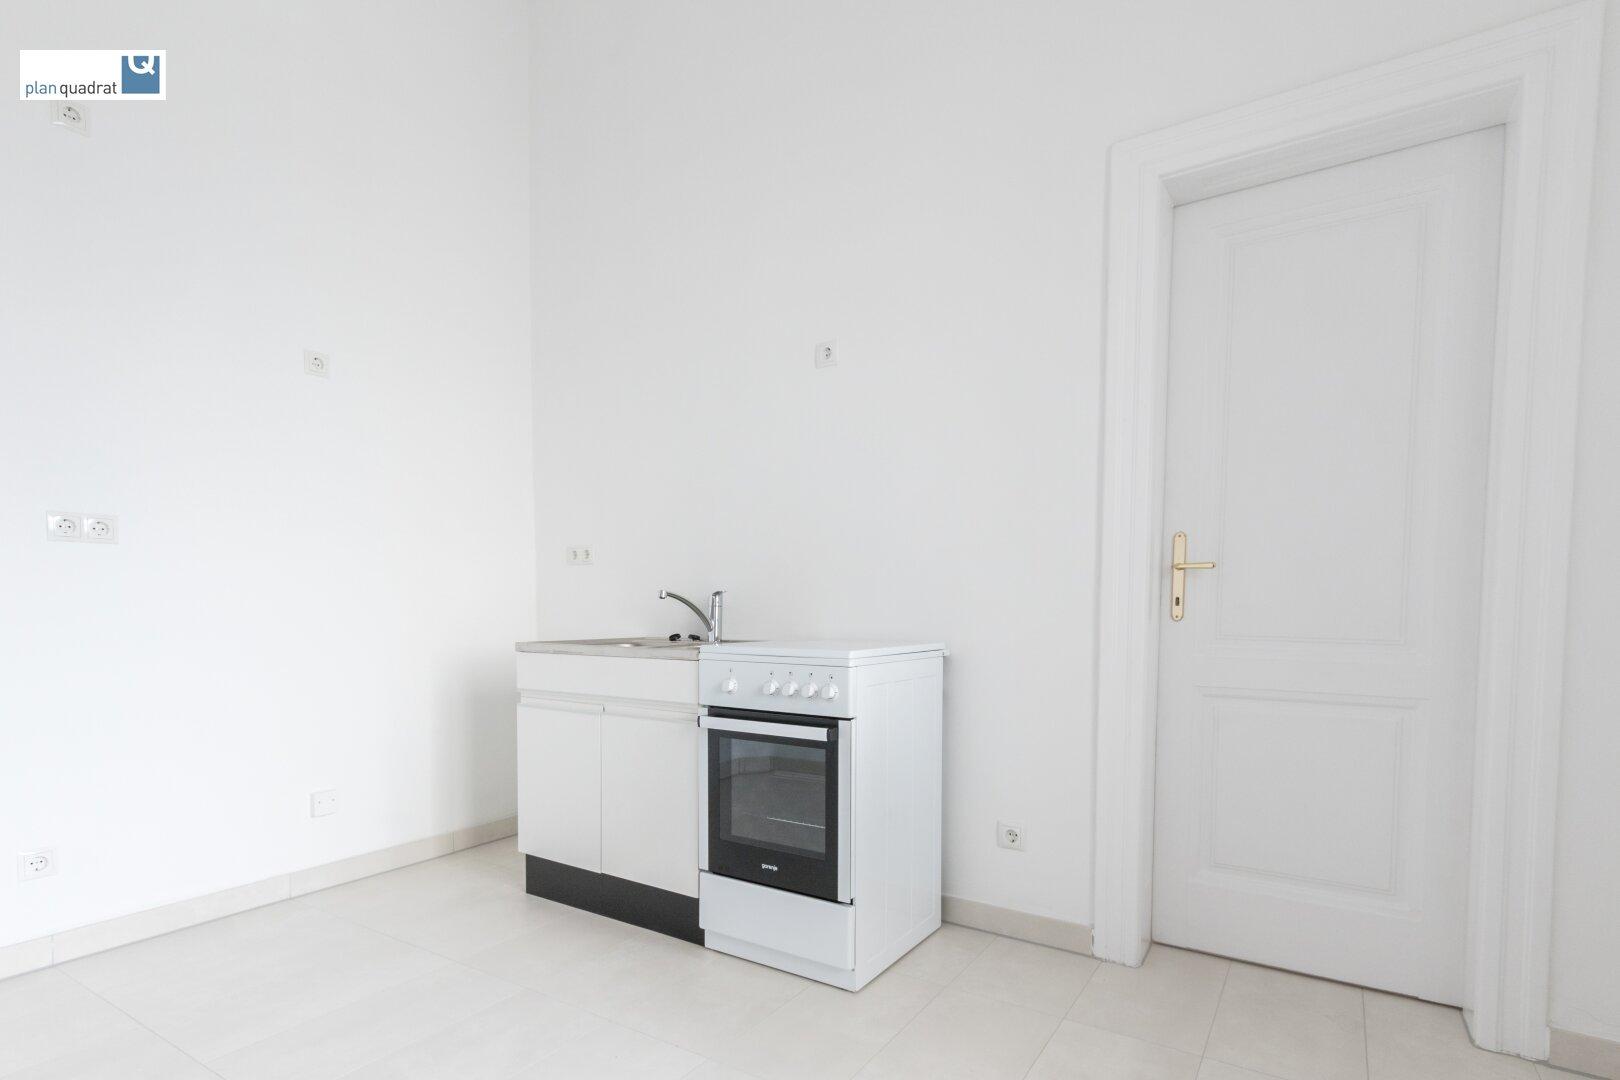 Küche / Pausenbereich (ca. 10,05 qm) - der EInbau der neuen Küche erfolgt in der KW 49 / KW 50